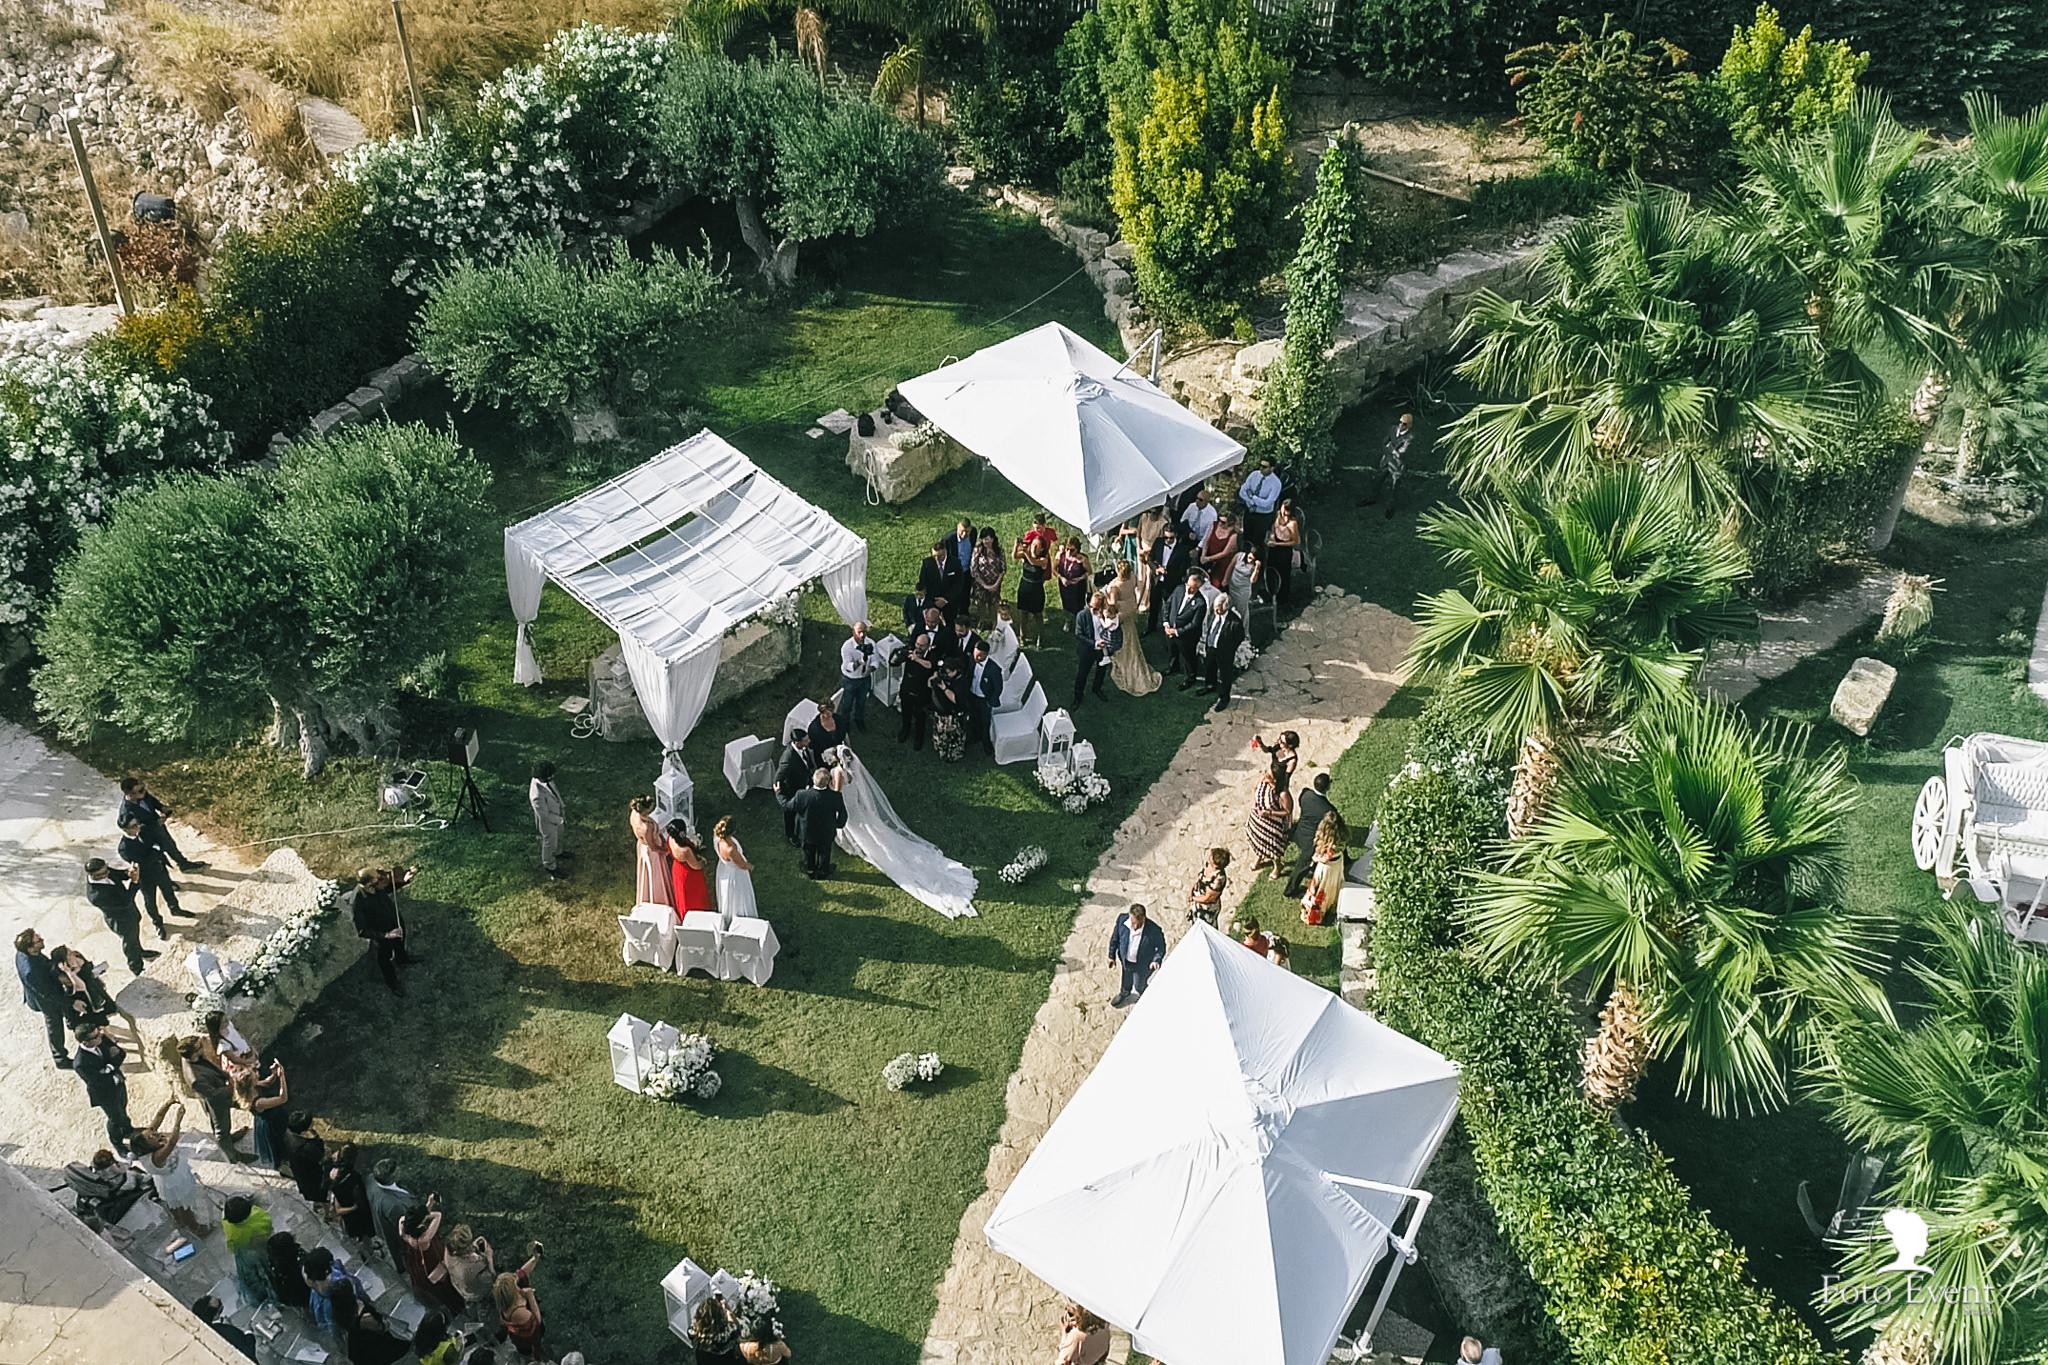 047-2019-06-12-Matrimonio-Angelo-e-Rosa-Ripellino-Feudo-Burrajotto-Grano-Lago-003.MP4_snapshot_03.38_2019.07.19_12.55.35